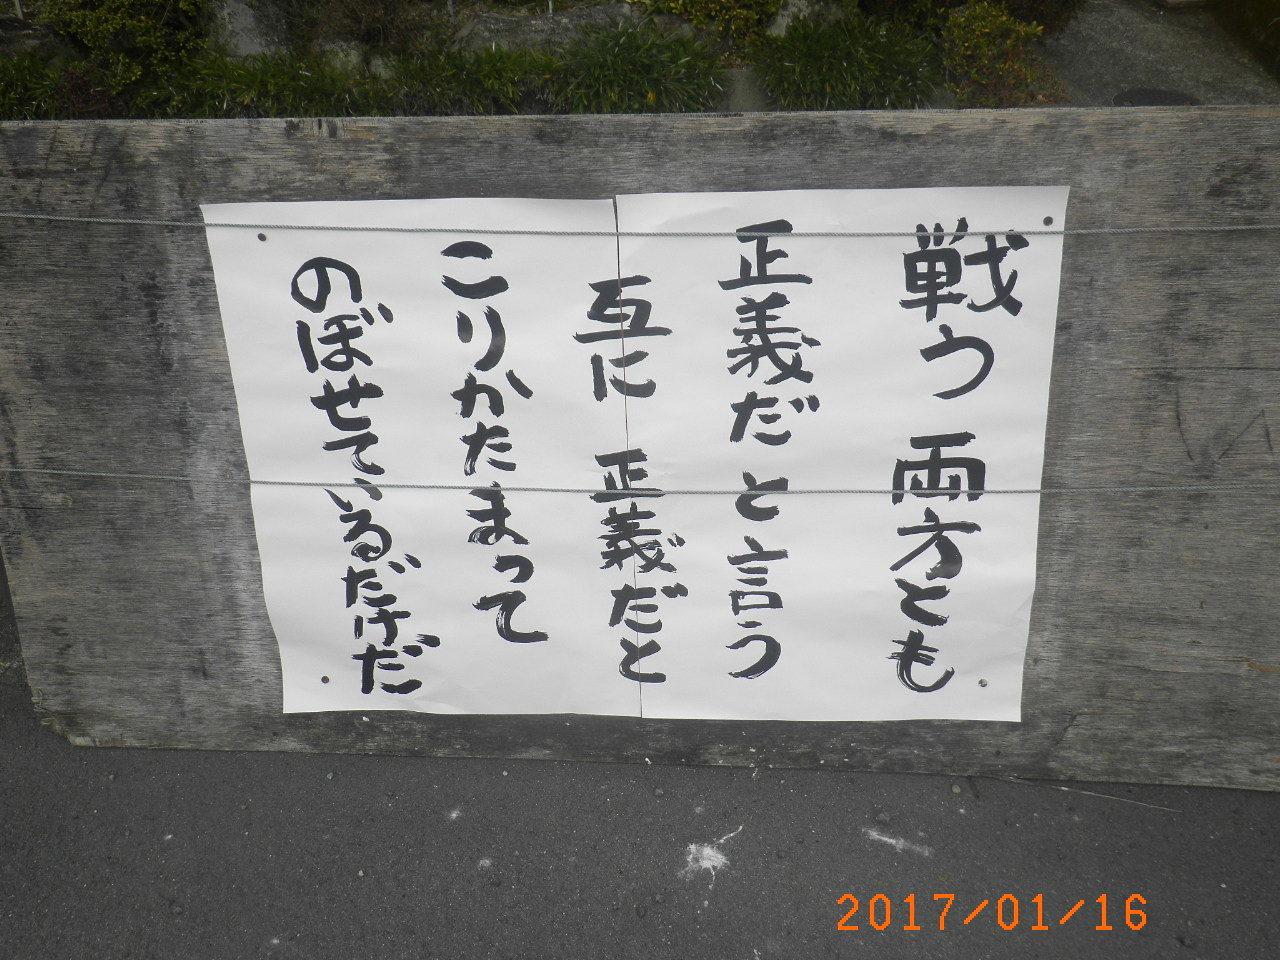 20170125180447177.jpg